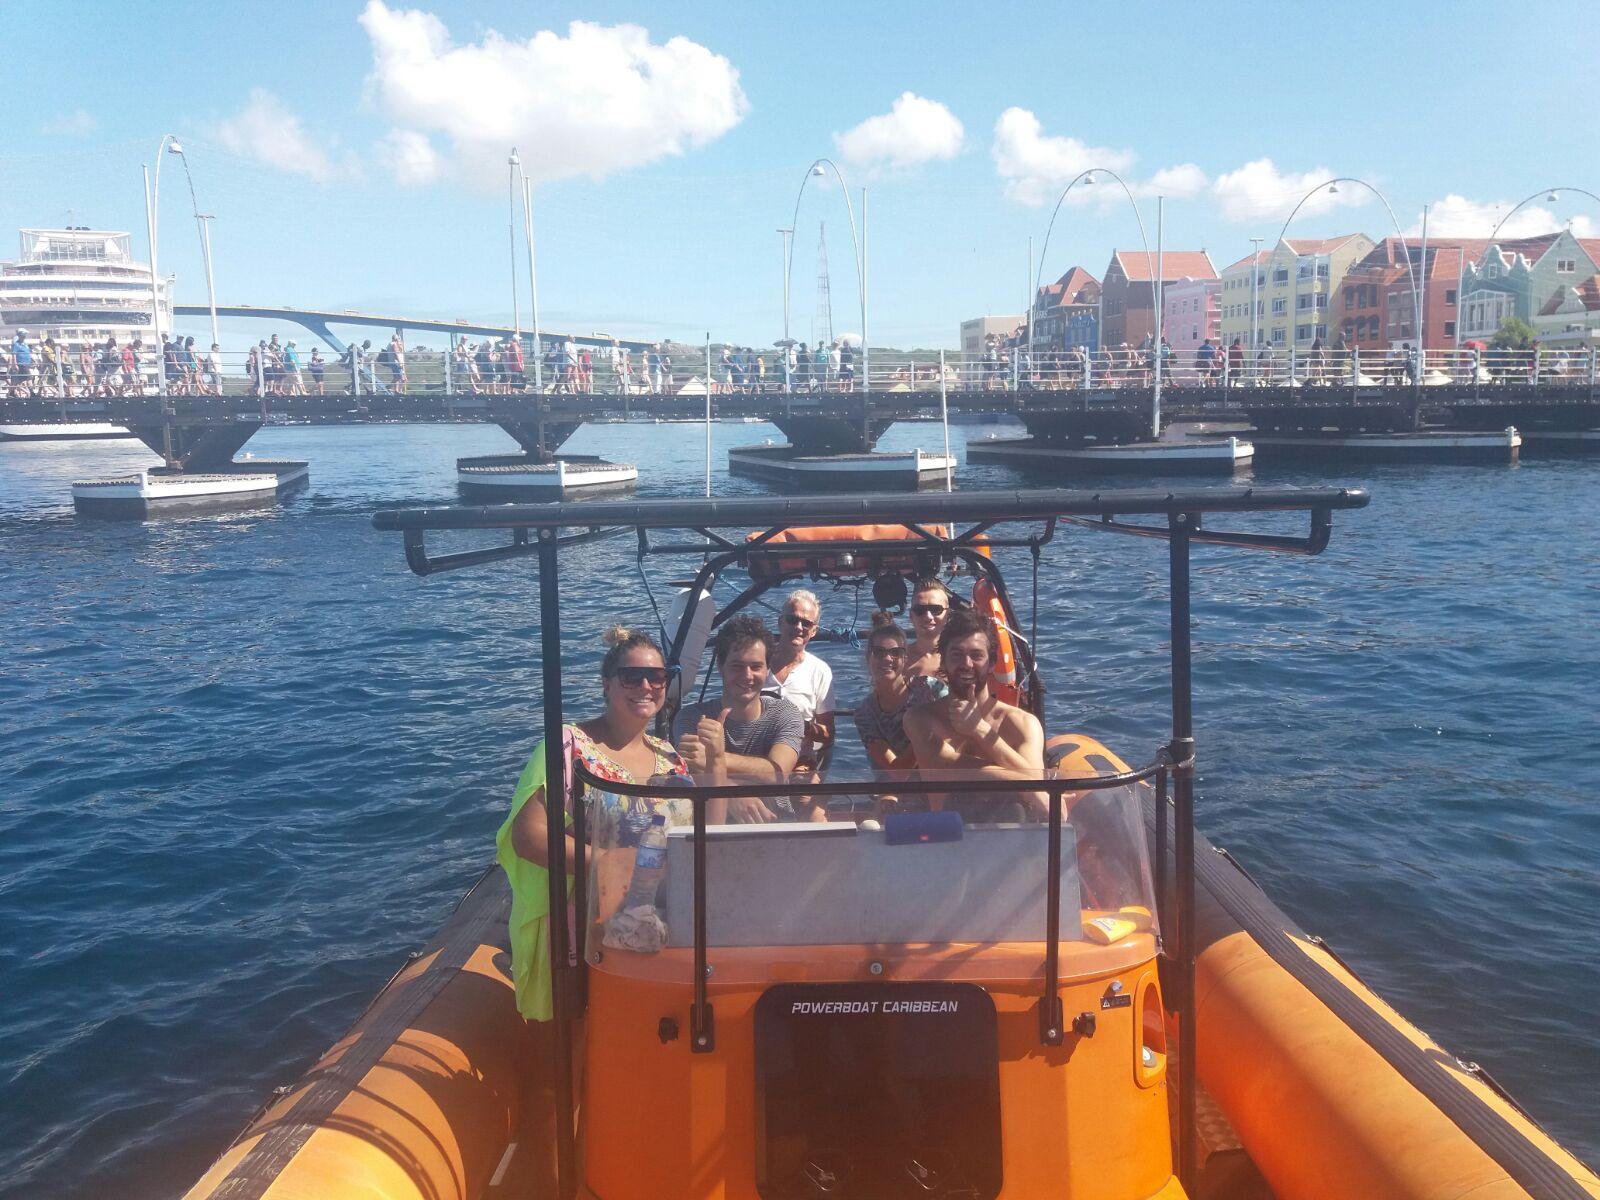 Koningsdag-special met de 'Flying Dutch' Powerboat!